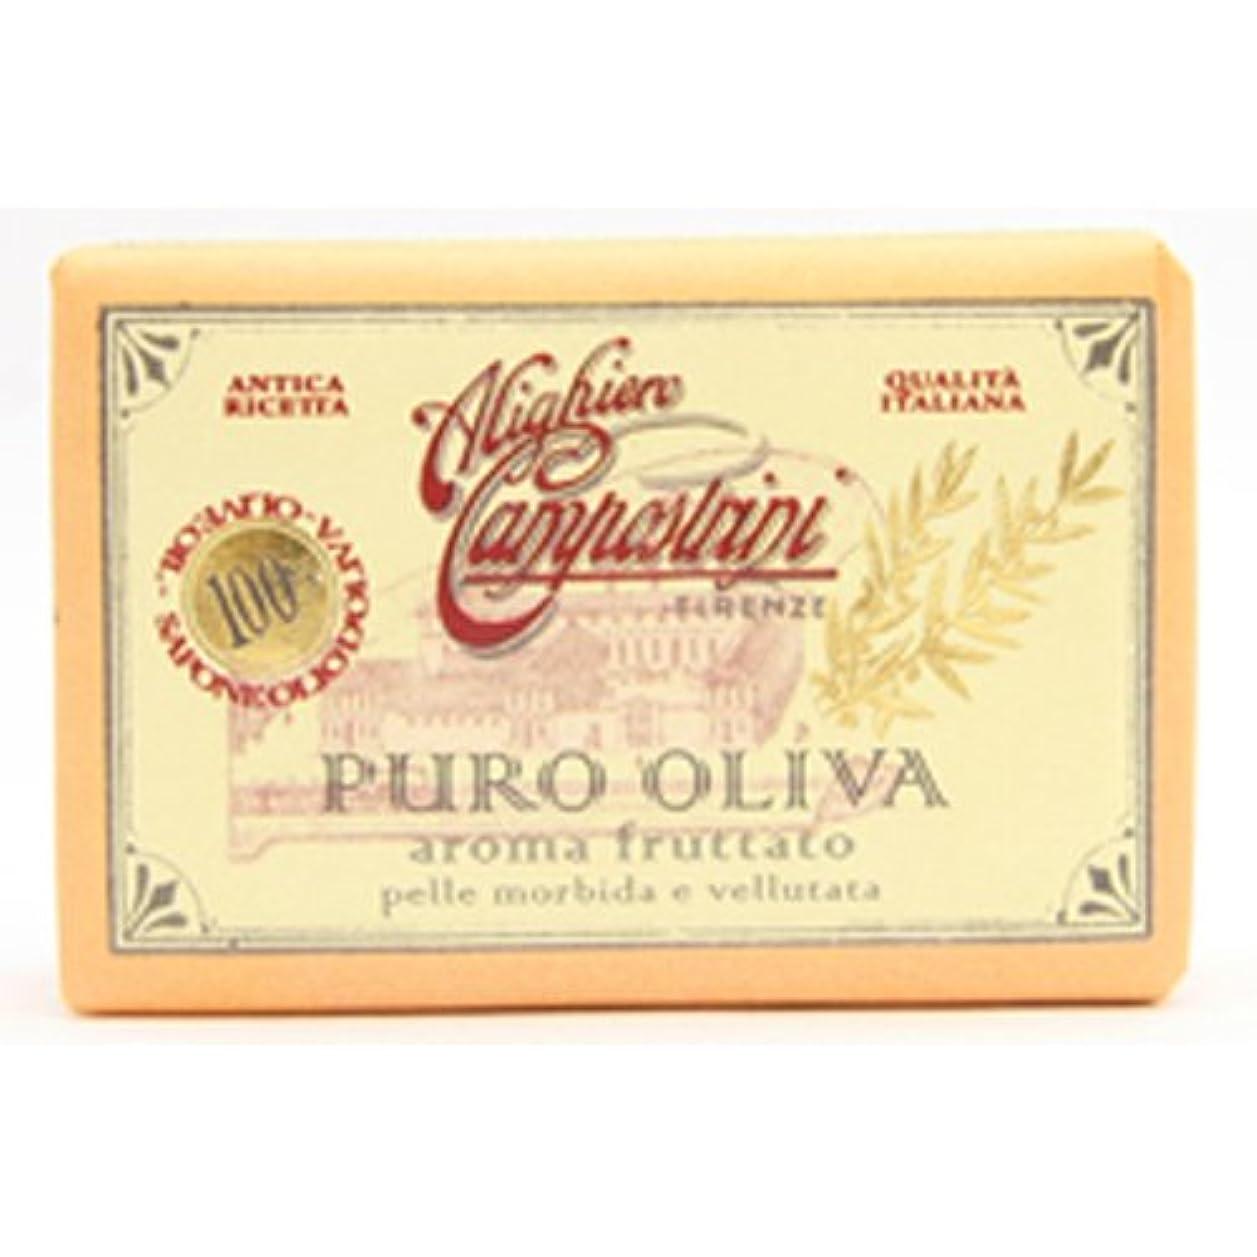 サーマル全部賃金Saponerire Fissi サポネリーフィッシー PURO OLIVA Soap オリーブオイル ピュロ ソープ Aroma fruttato フルーツ(オレンジ)